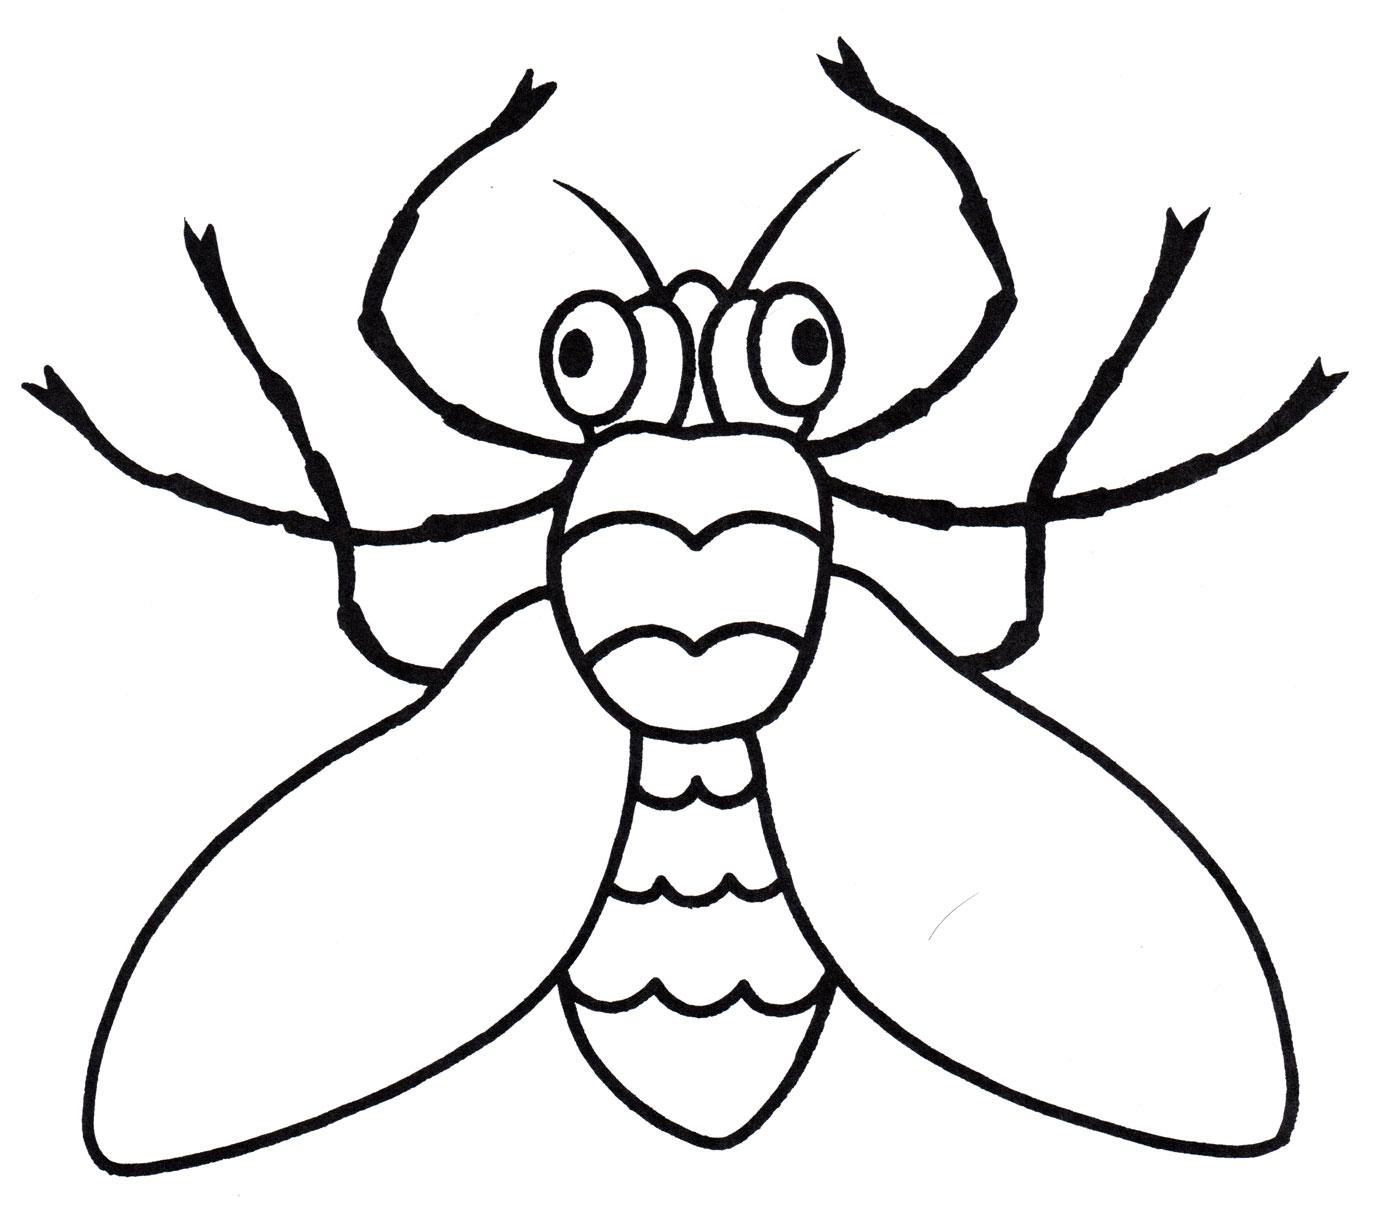 раскраска глазастая муха распечатать бесплатно